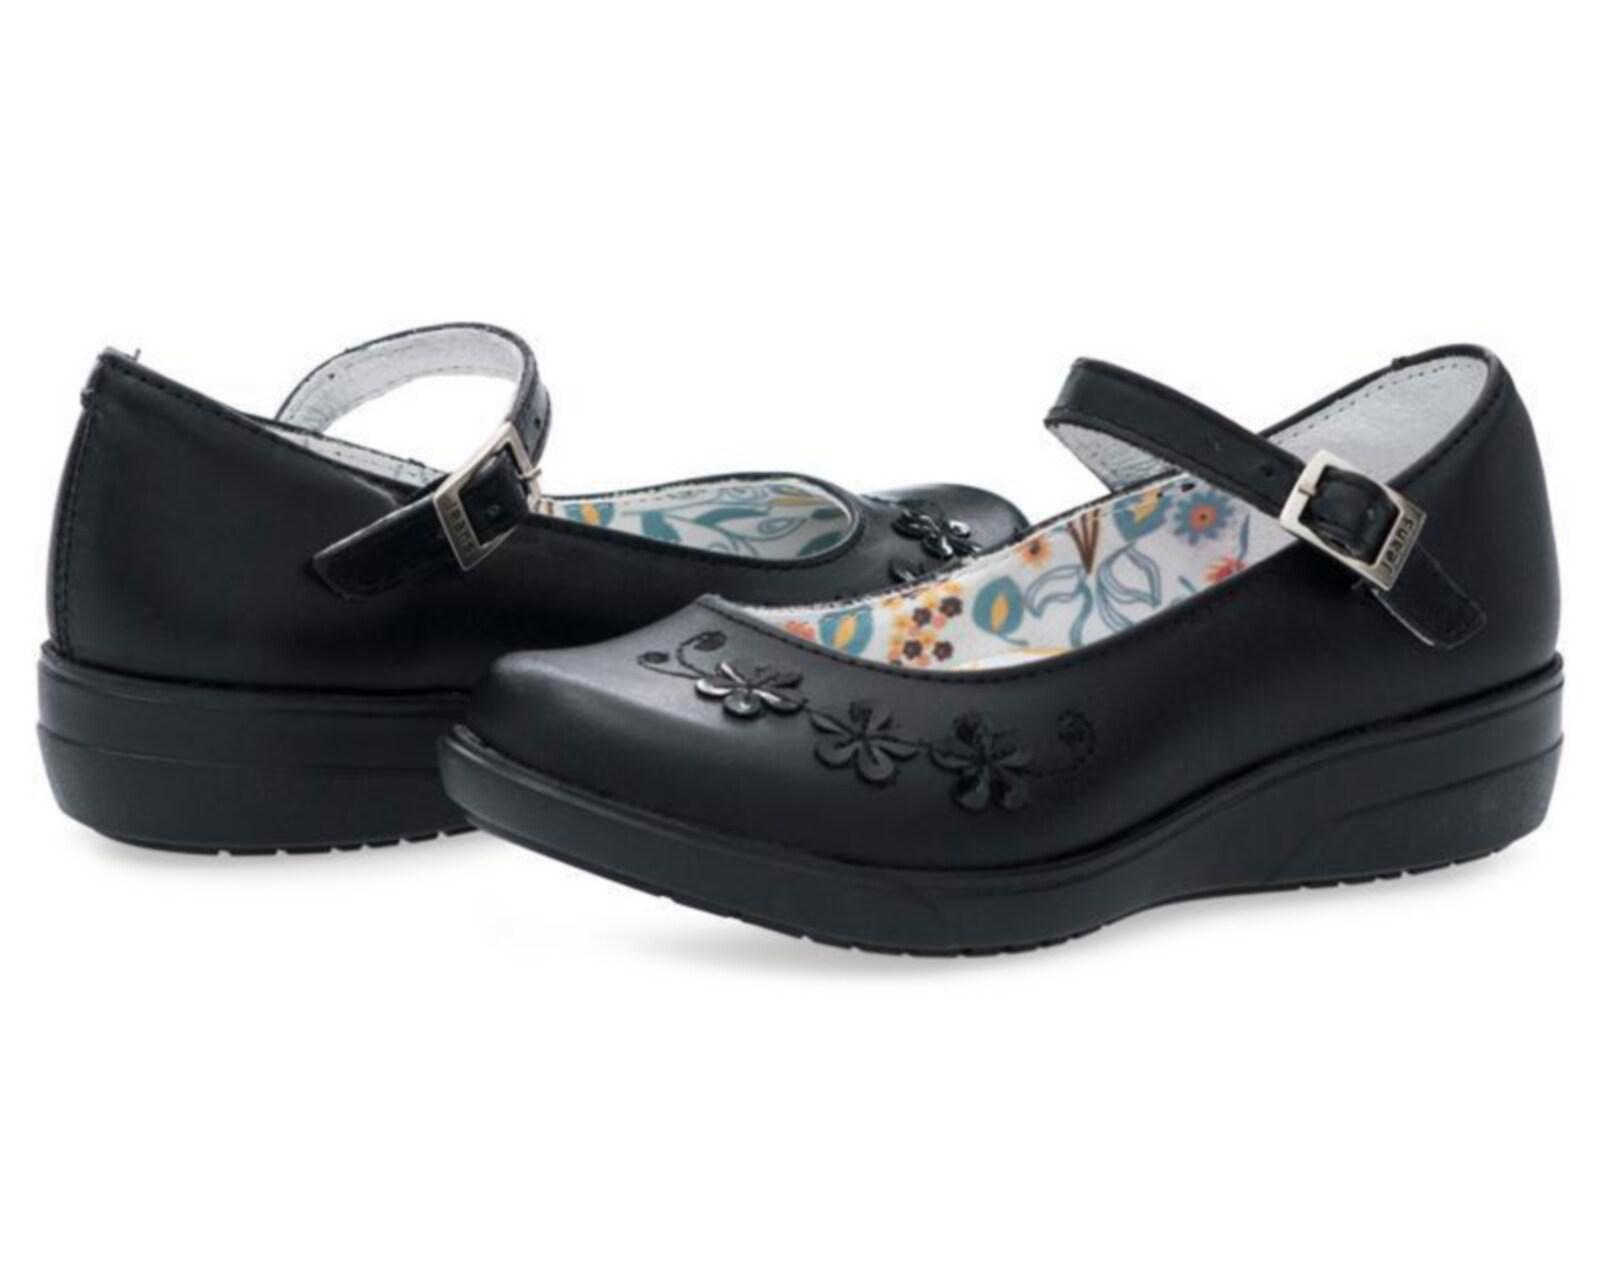 Zapatos Escolares Negros Grafito para Niña